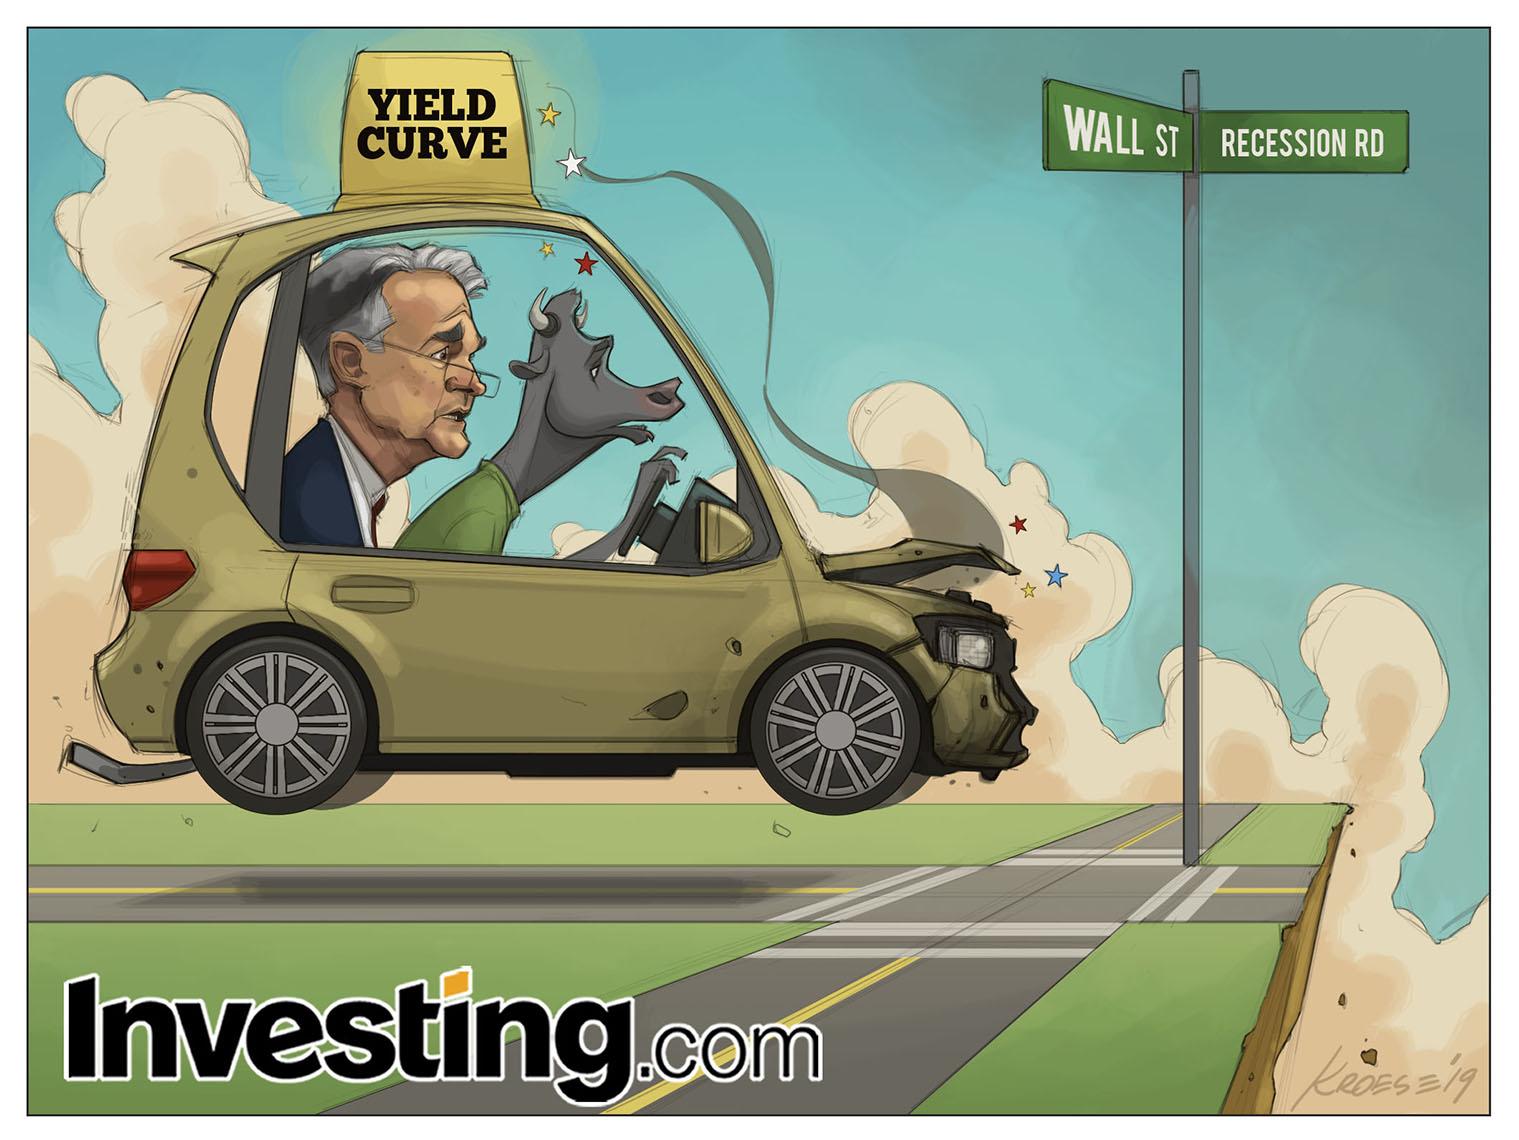 イールドカーブ逆転、パウエルは景気後退を恐れる